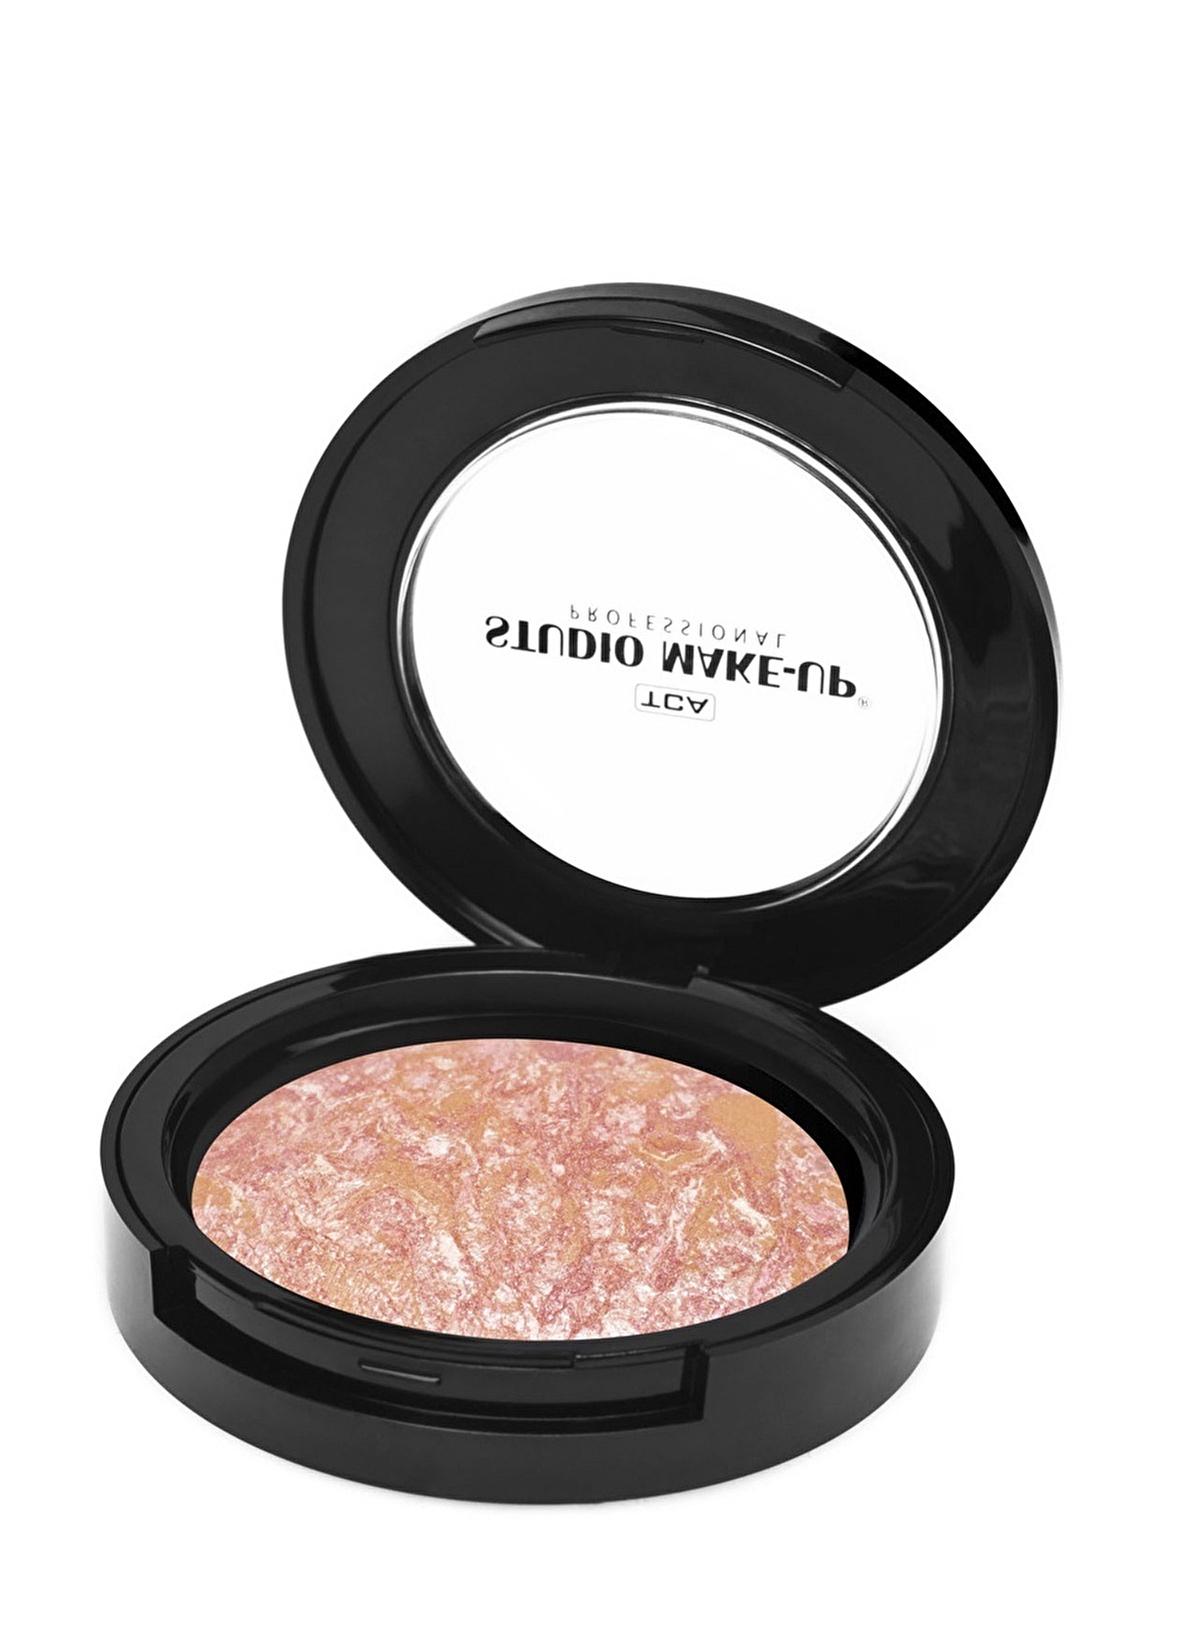 Tca Studio Make Up Allık Tca Studıo Make-up Fusıon Blush 05x – 43.45 TL